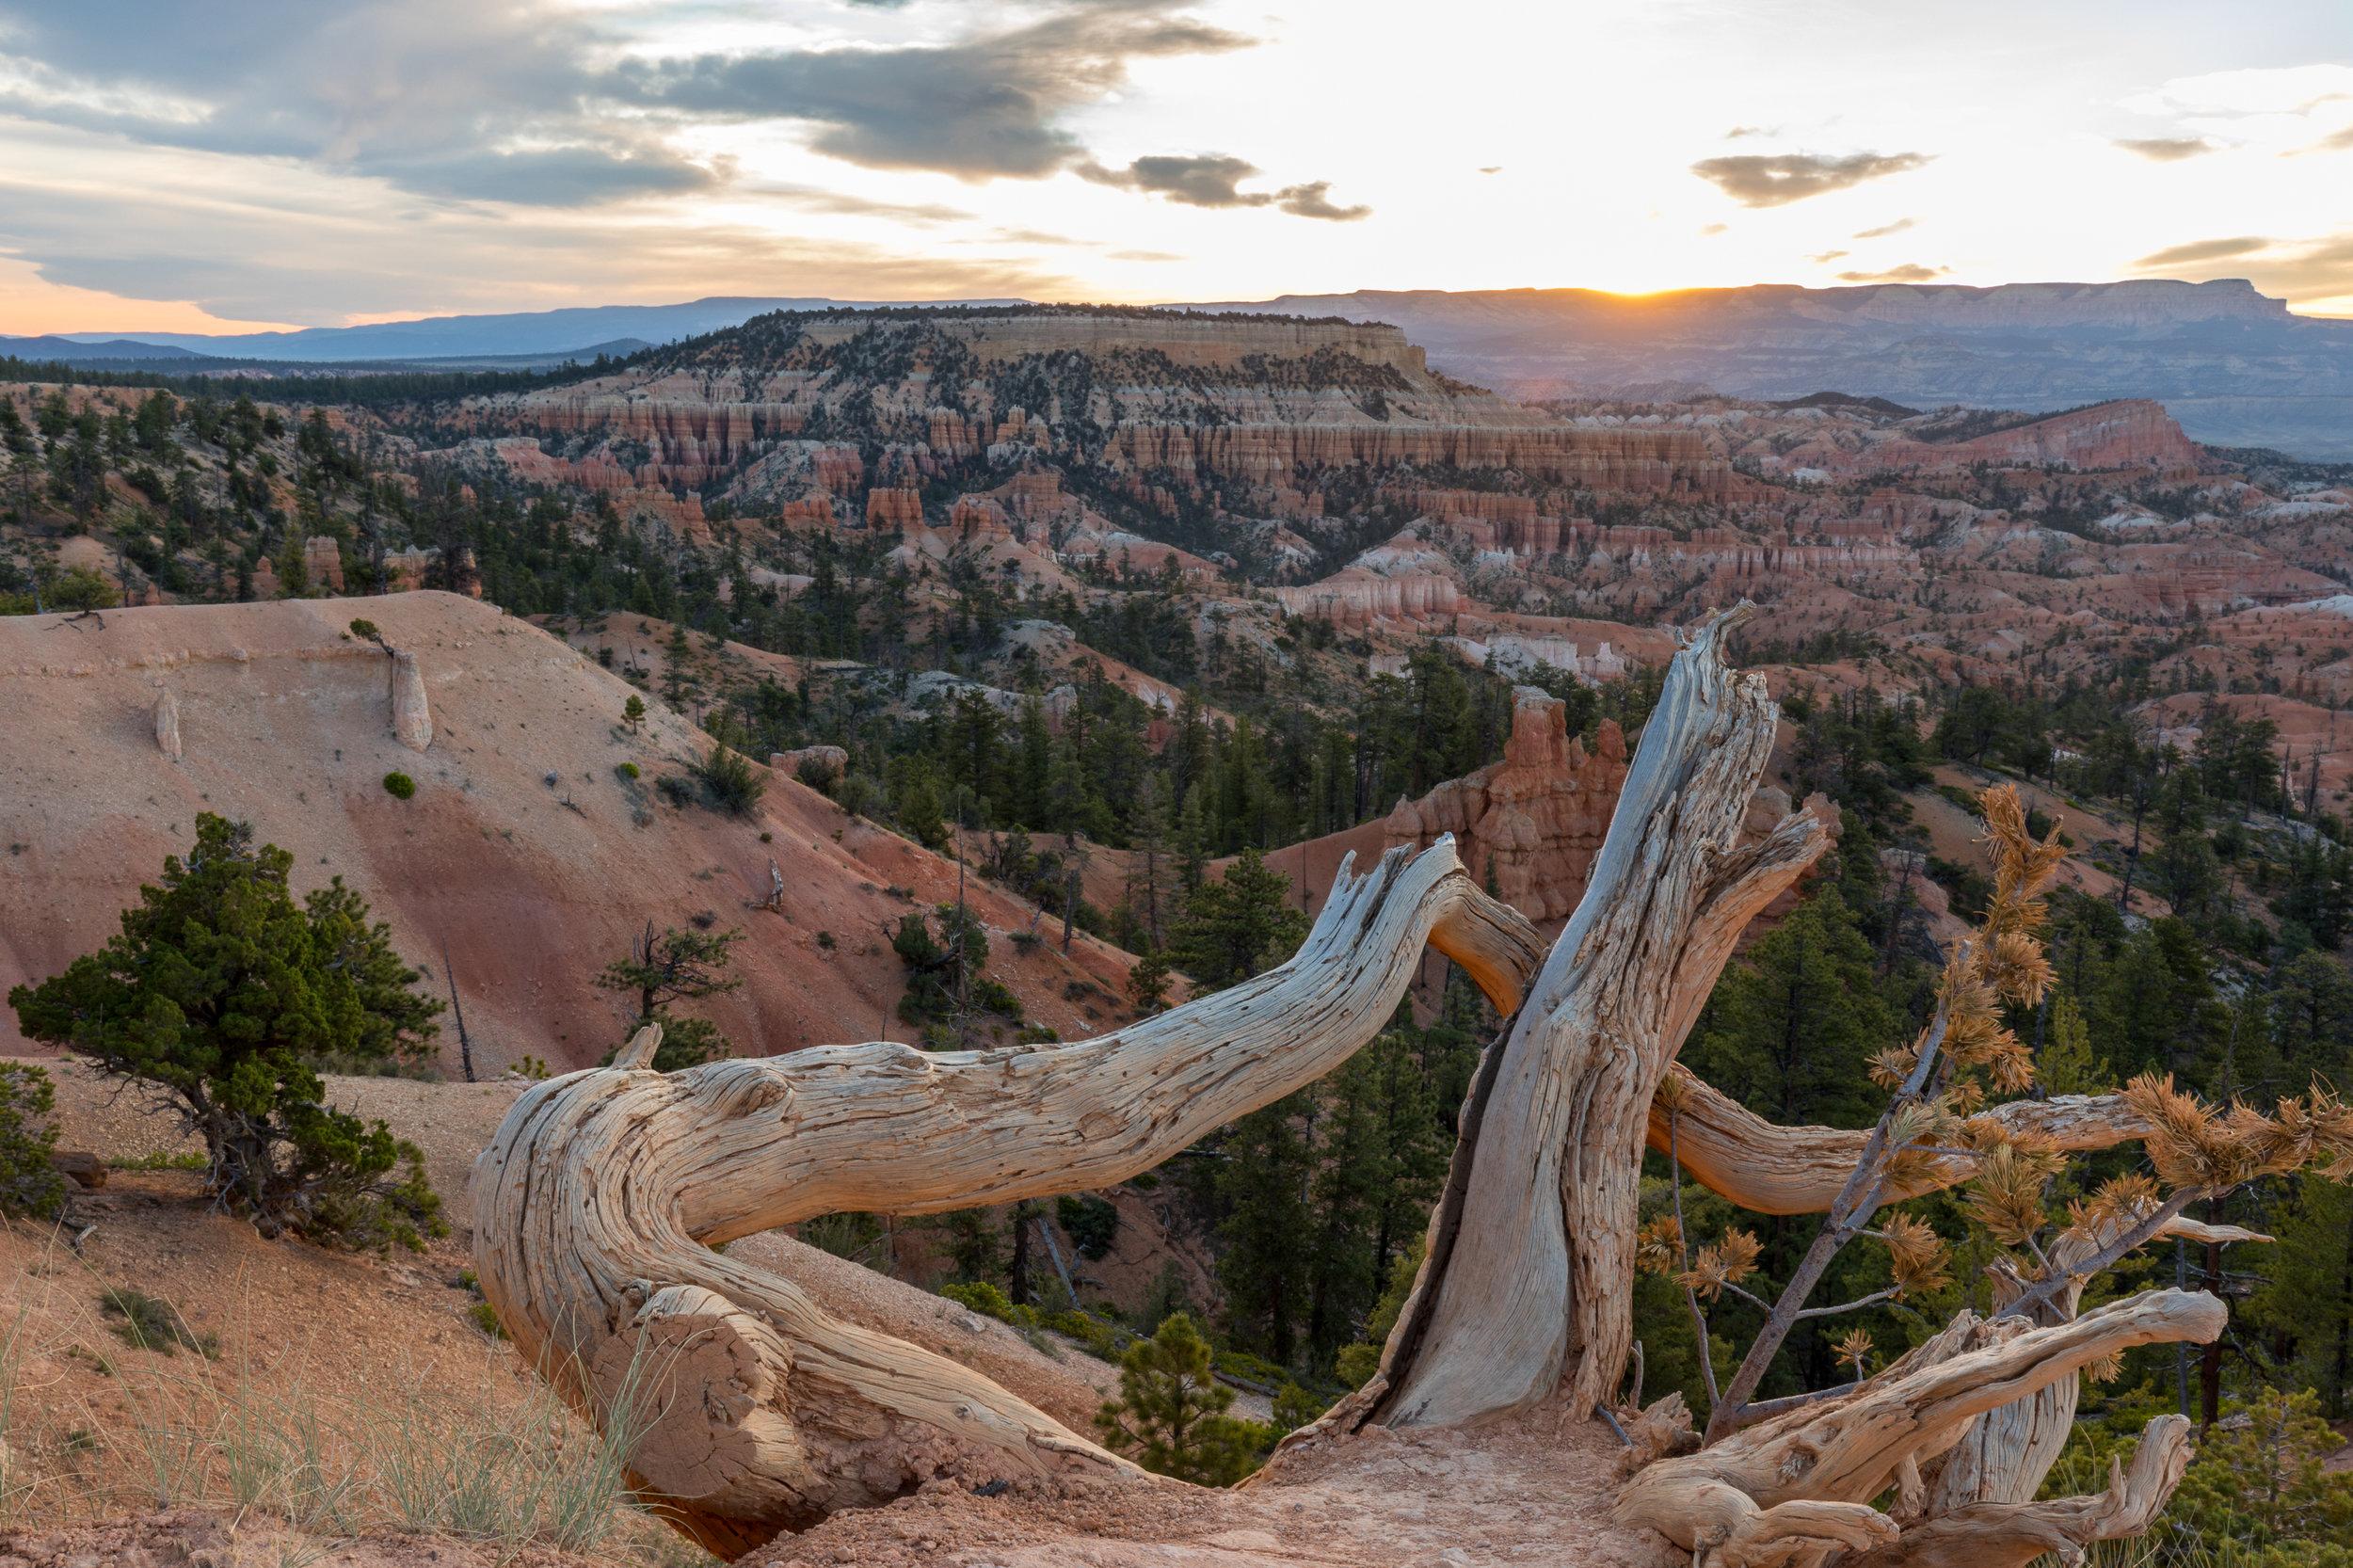 Sunrise Bryce National Park, Image # 0591